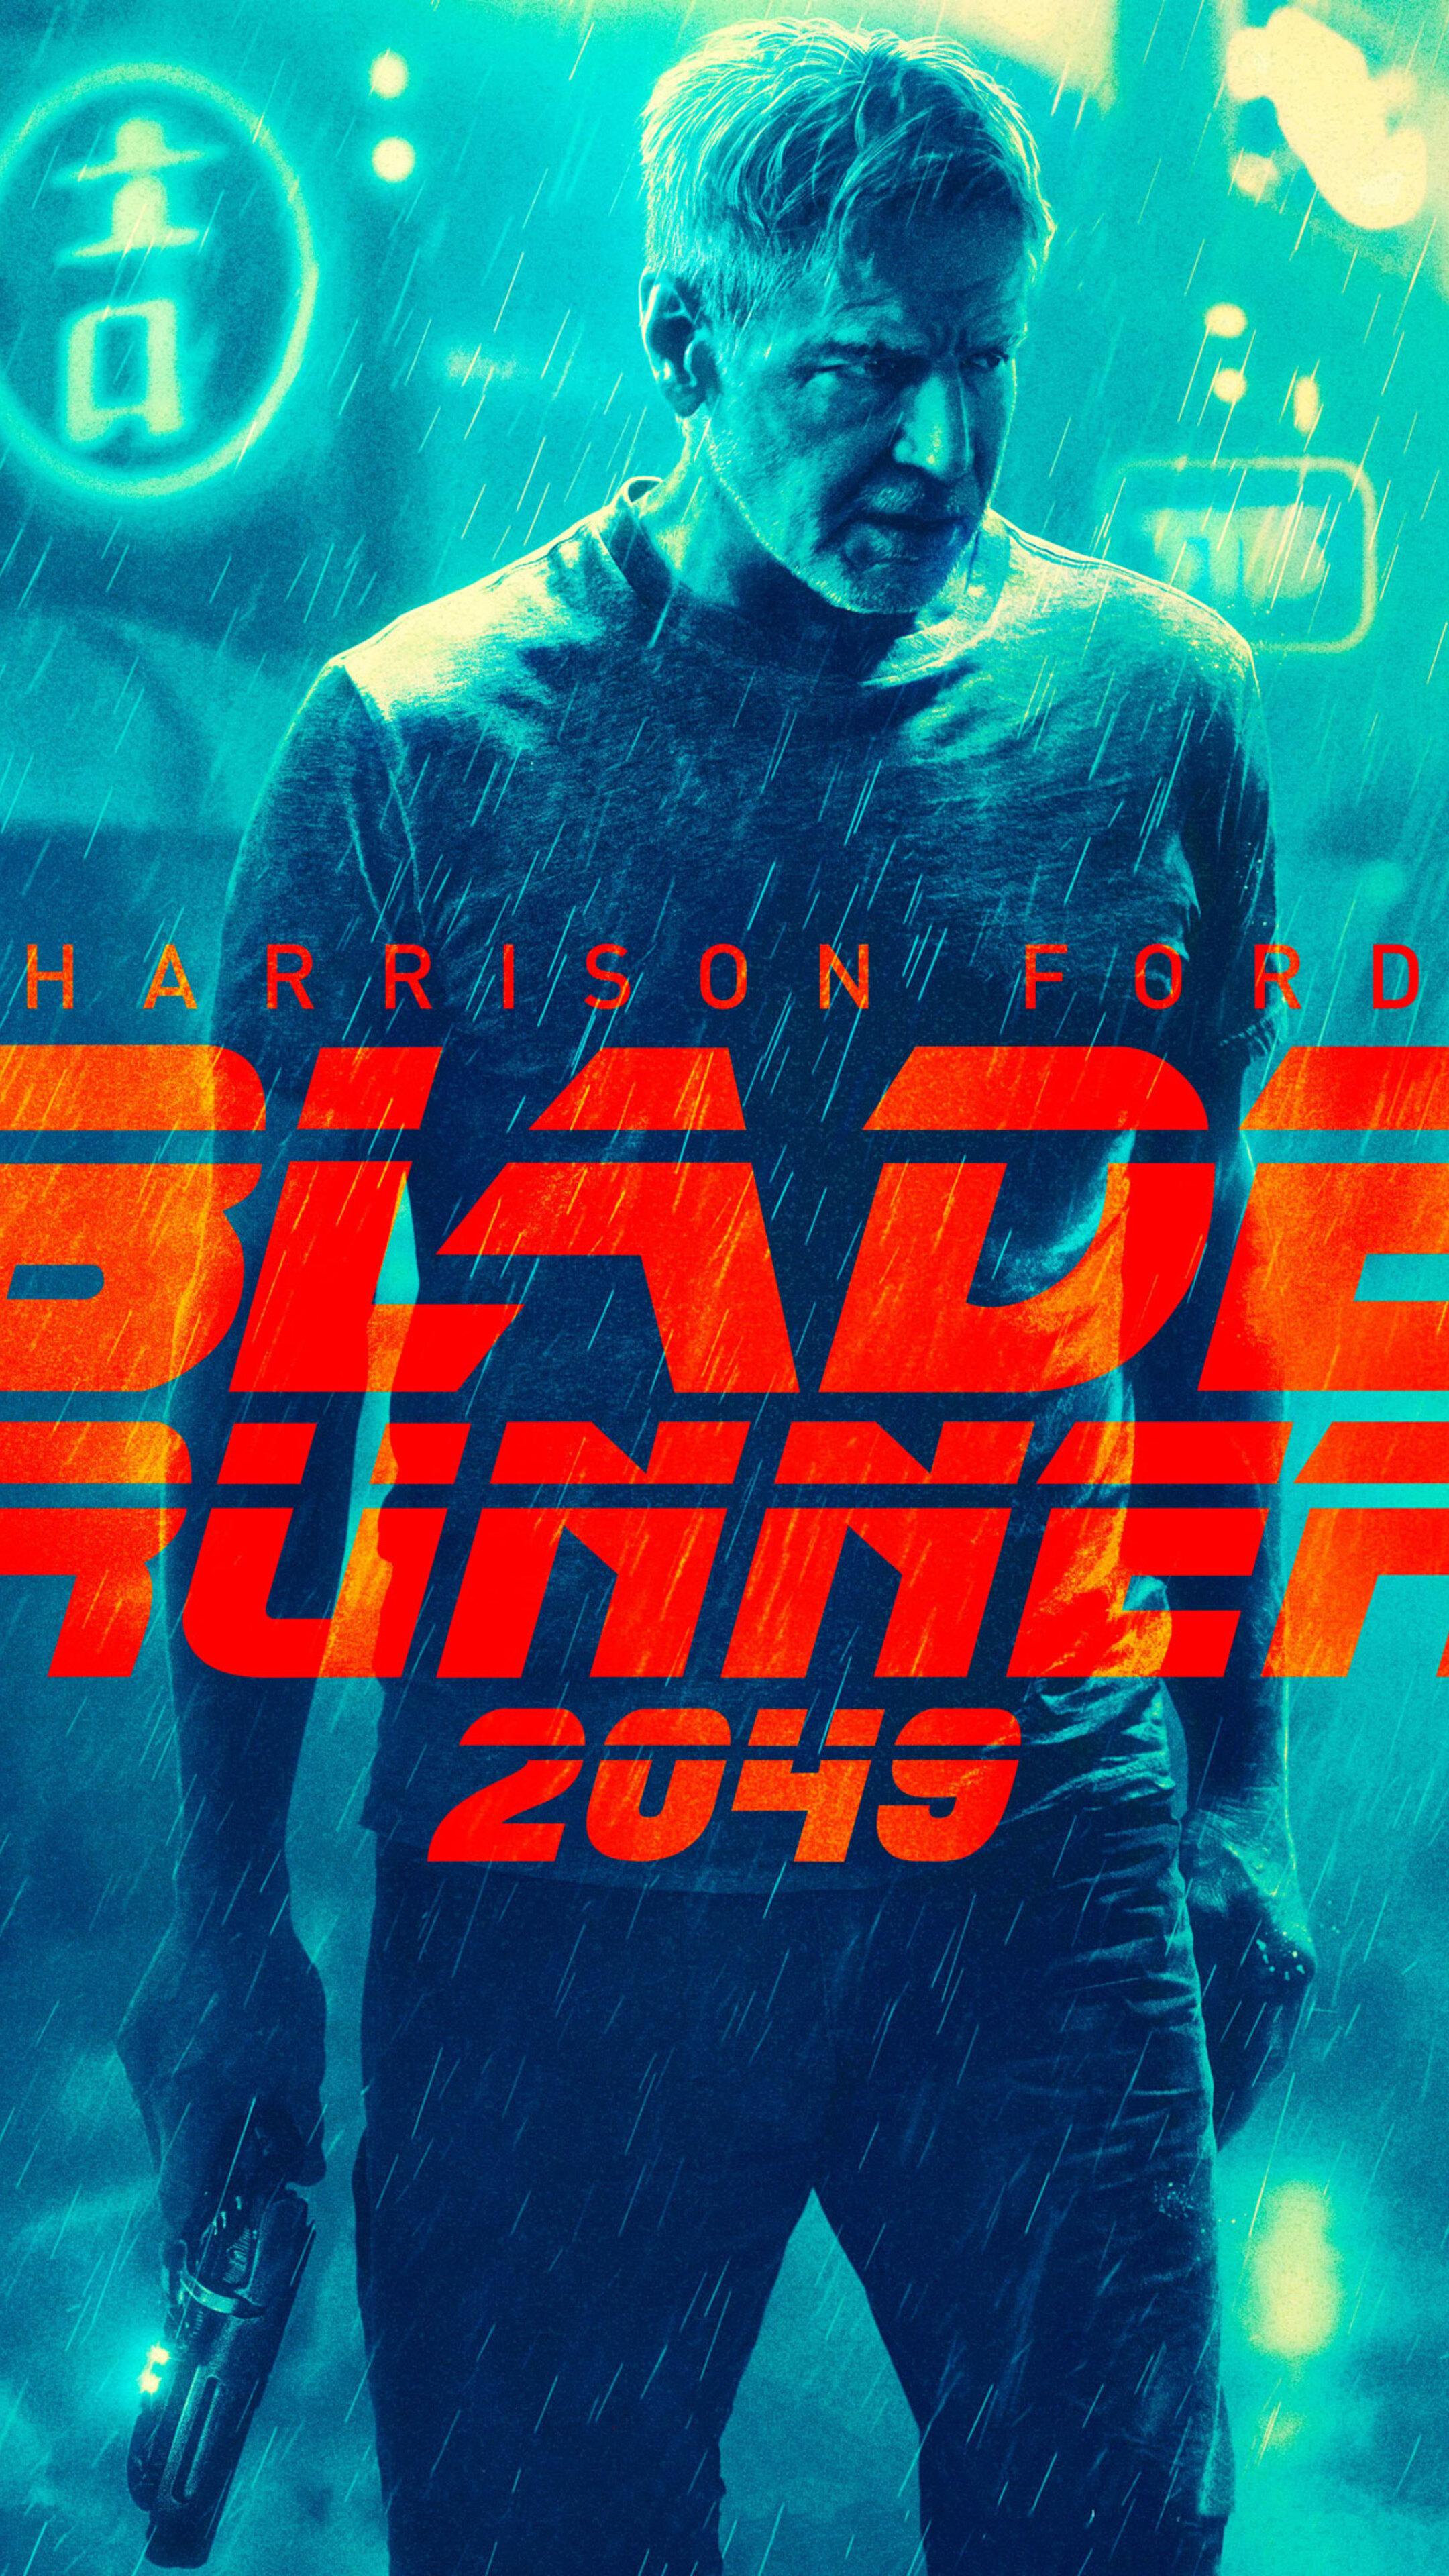 harrison-ford-blade-runner-2049-ks.jpg